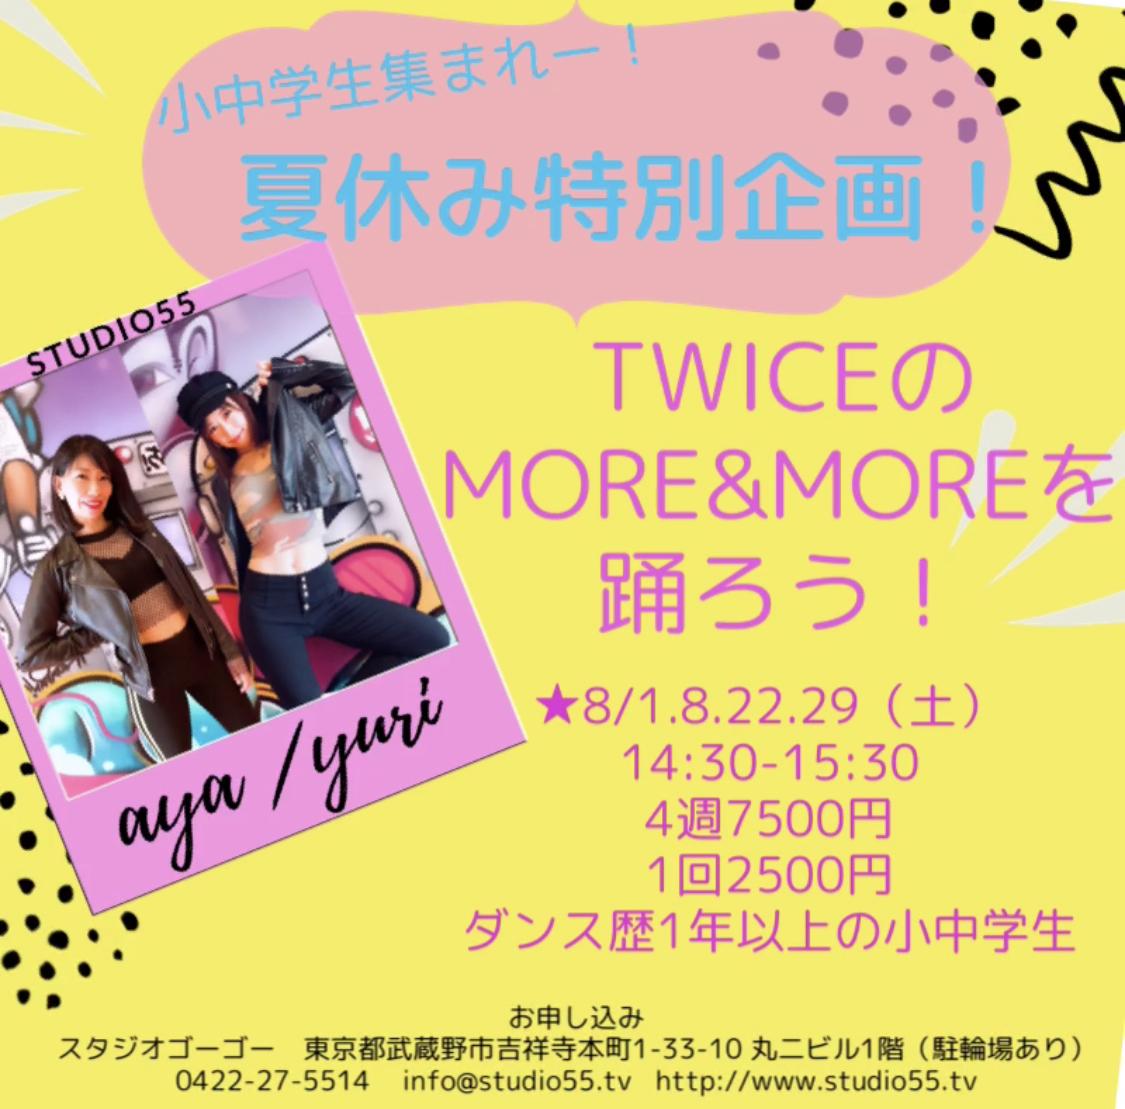 【夏休み特別企画!TWICEのMORE&MOREを踊ろう!】